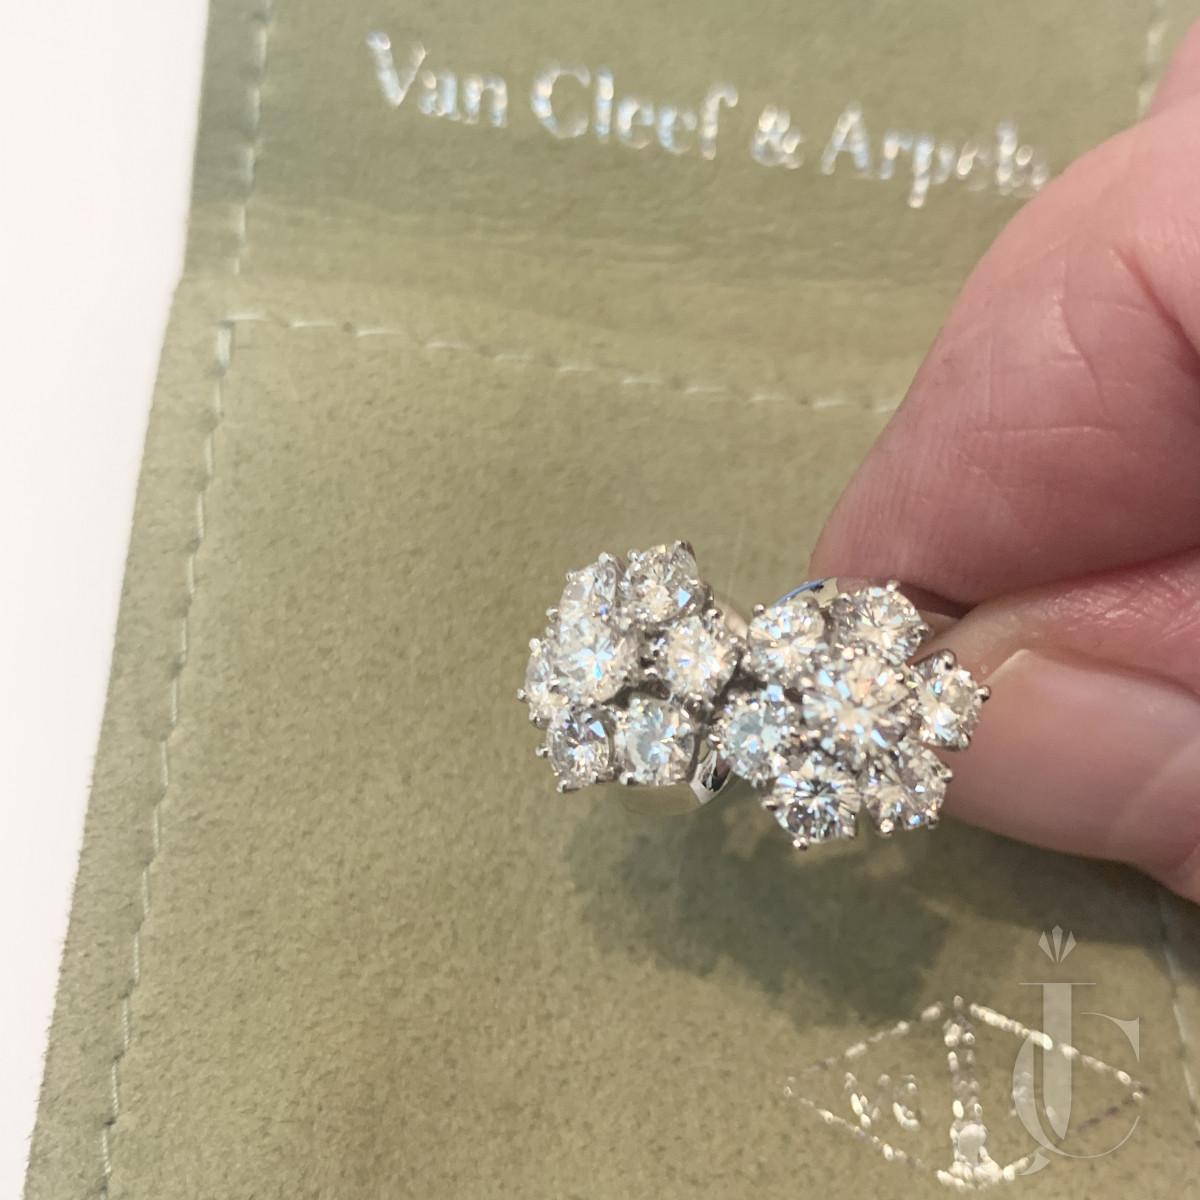 Van Cleef and Arpels Ring